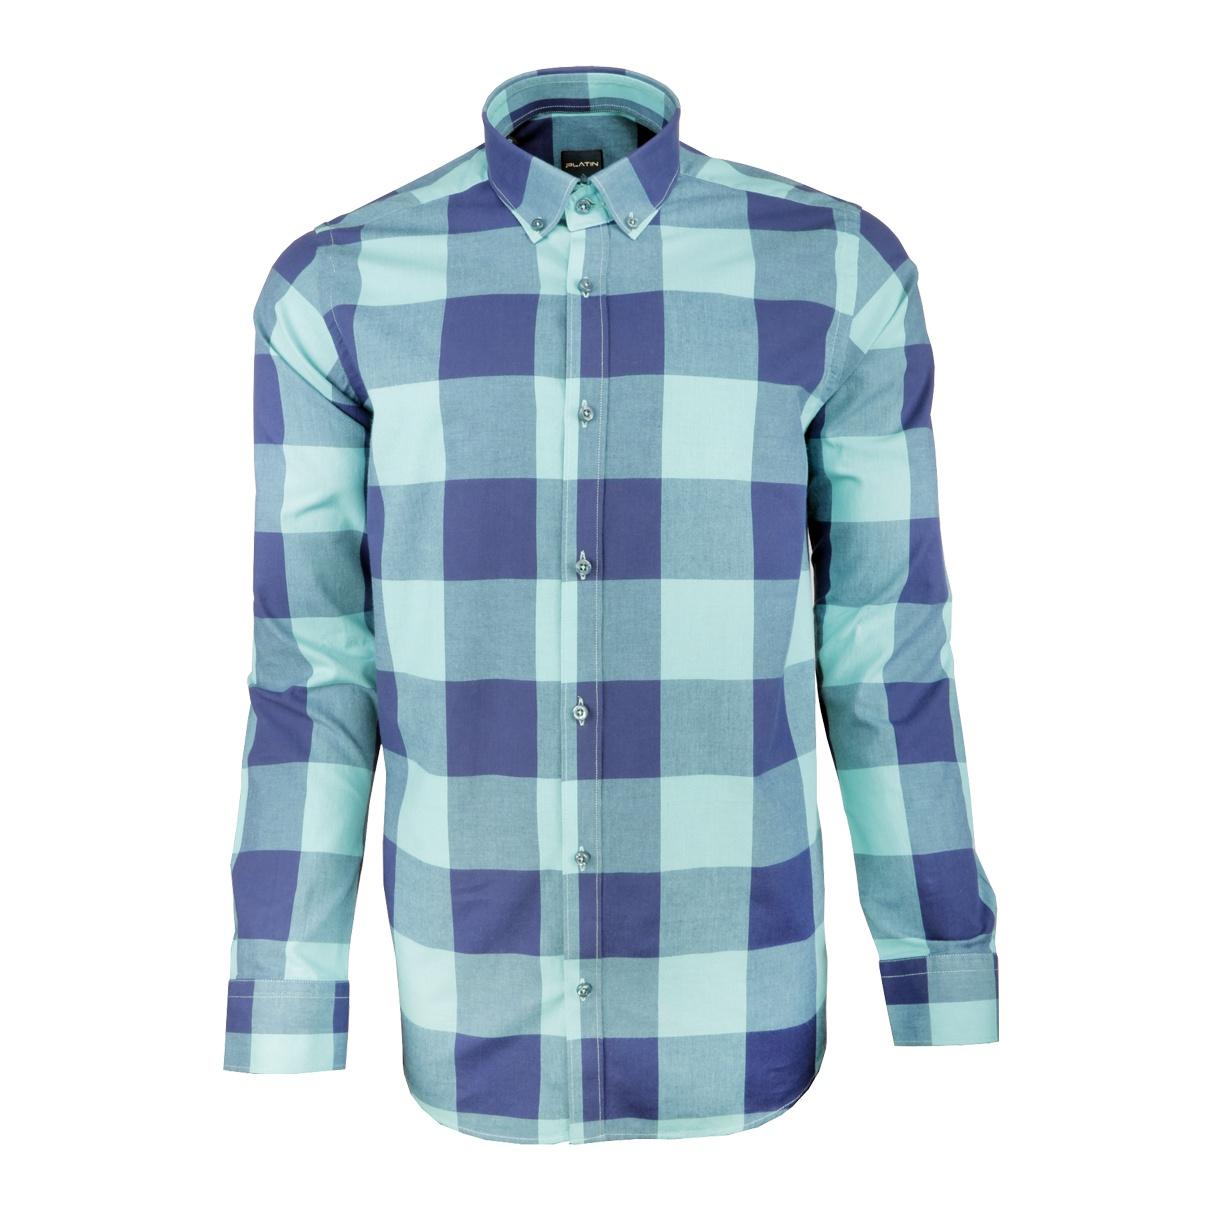 پیراهن مردانه پلاتین طرح چهارخانه کد 1027